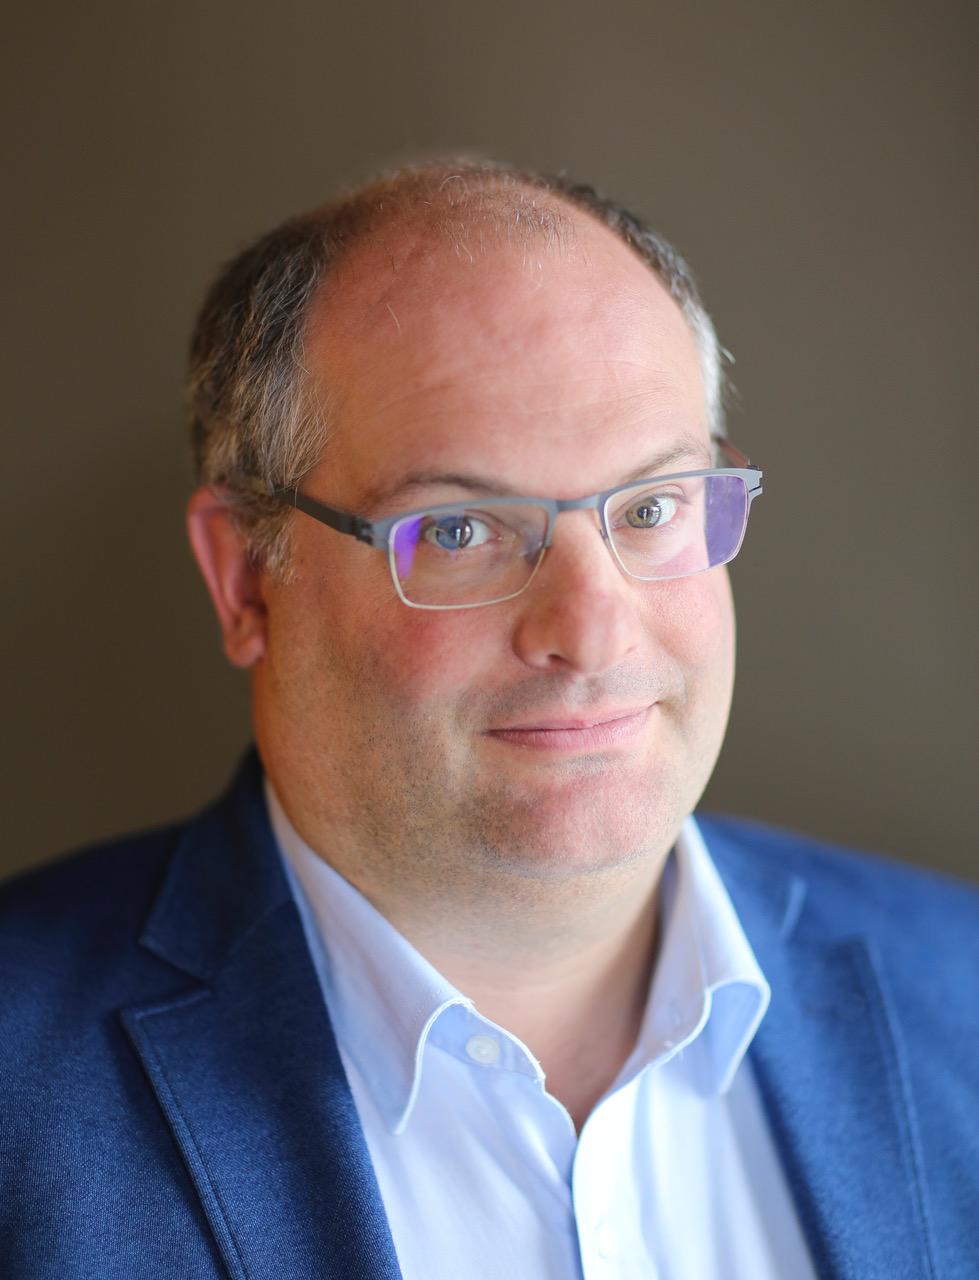 Dr. Sebastien Goethals